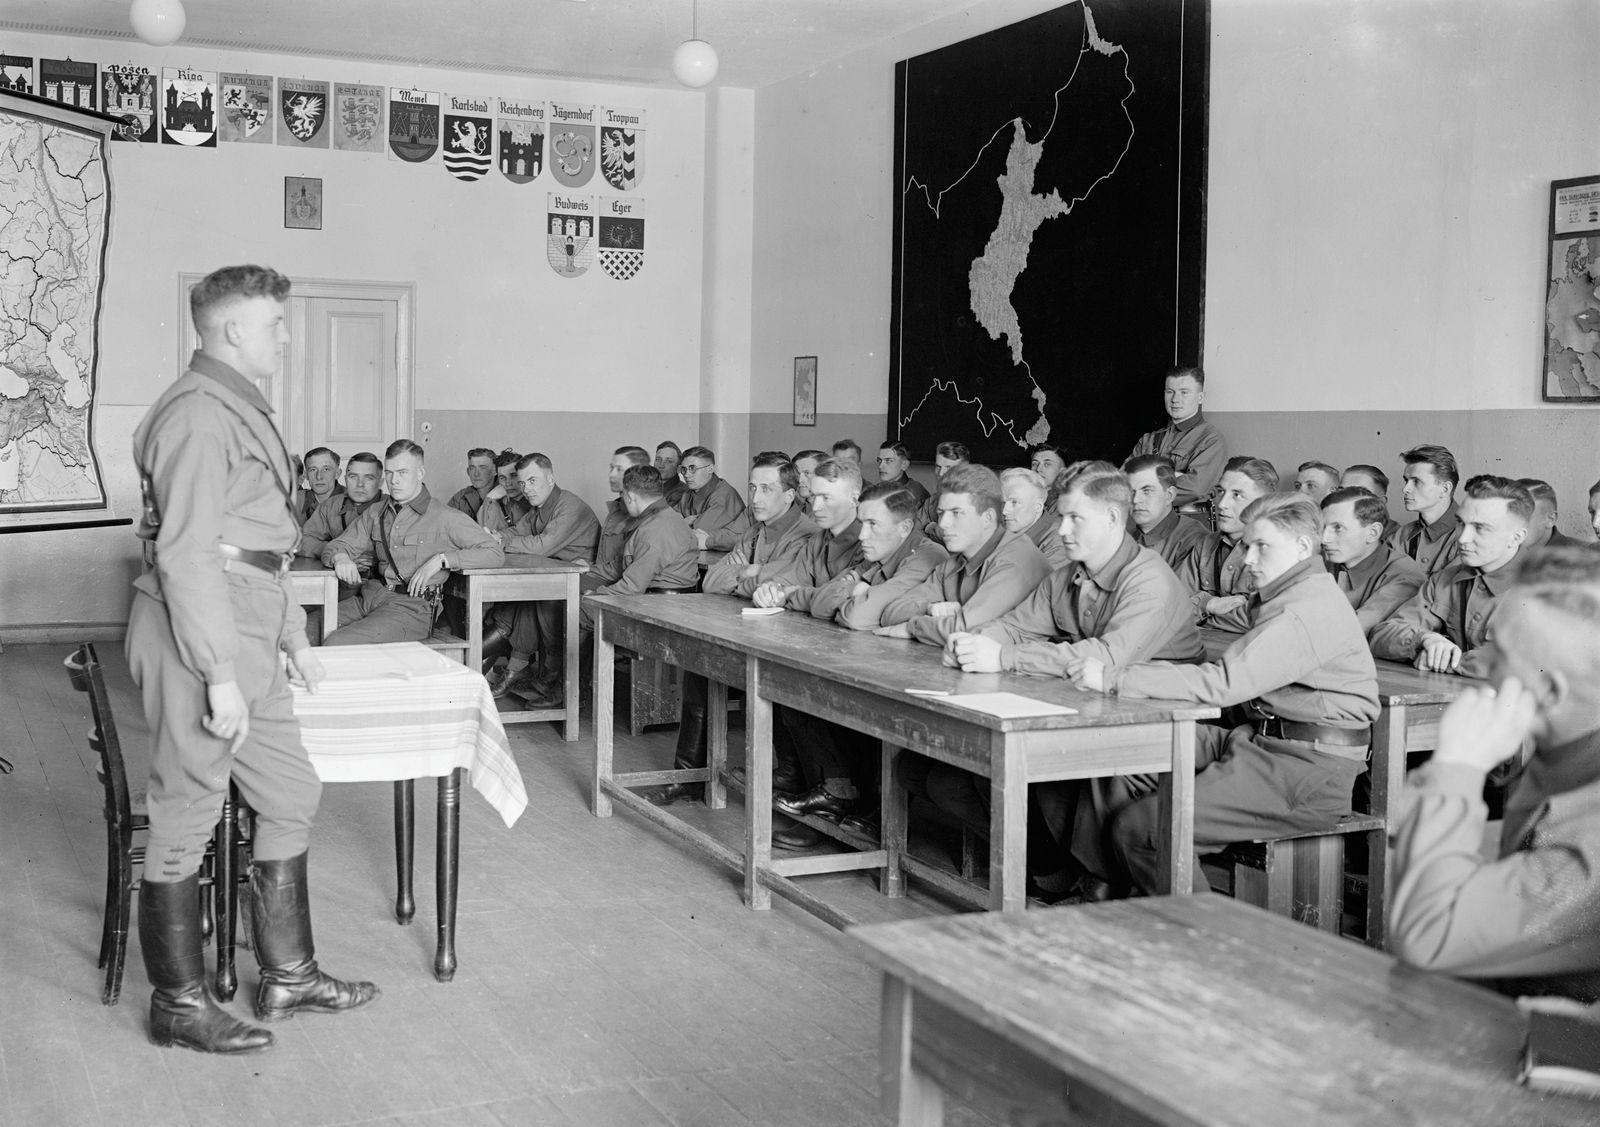 Reichsjugendführerschule der Hitlerjugend in Potsdam